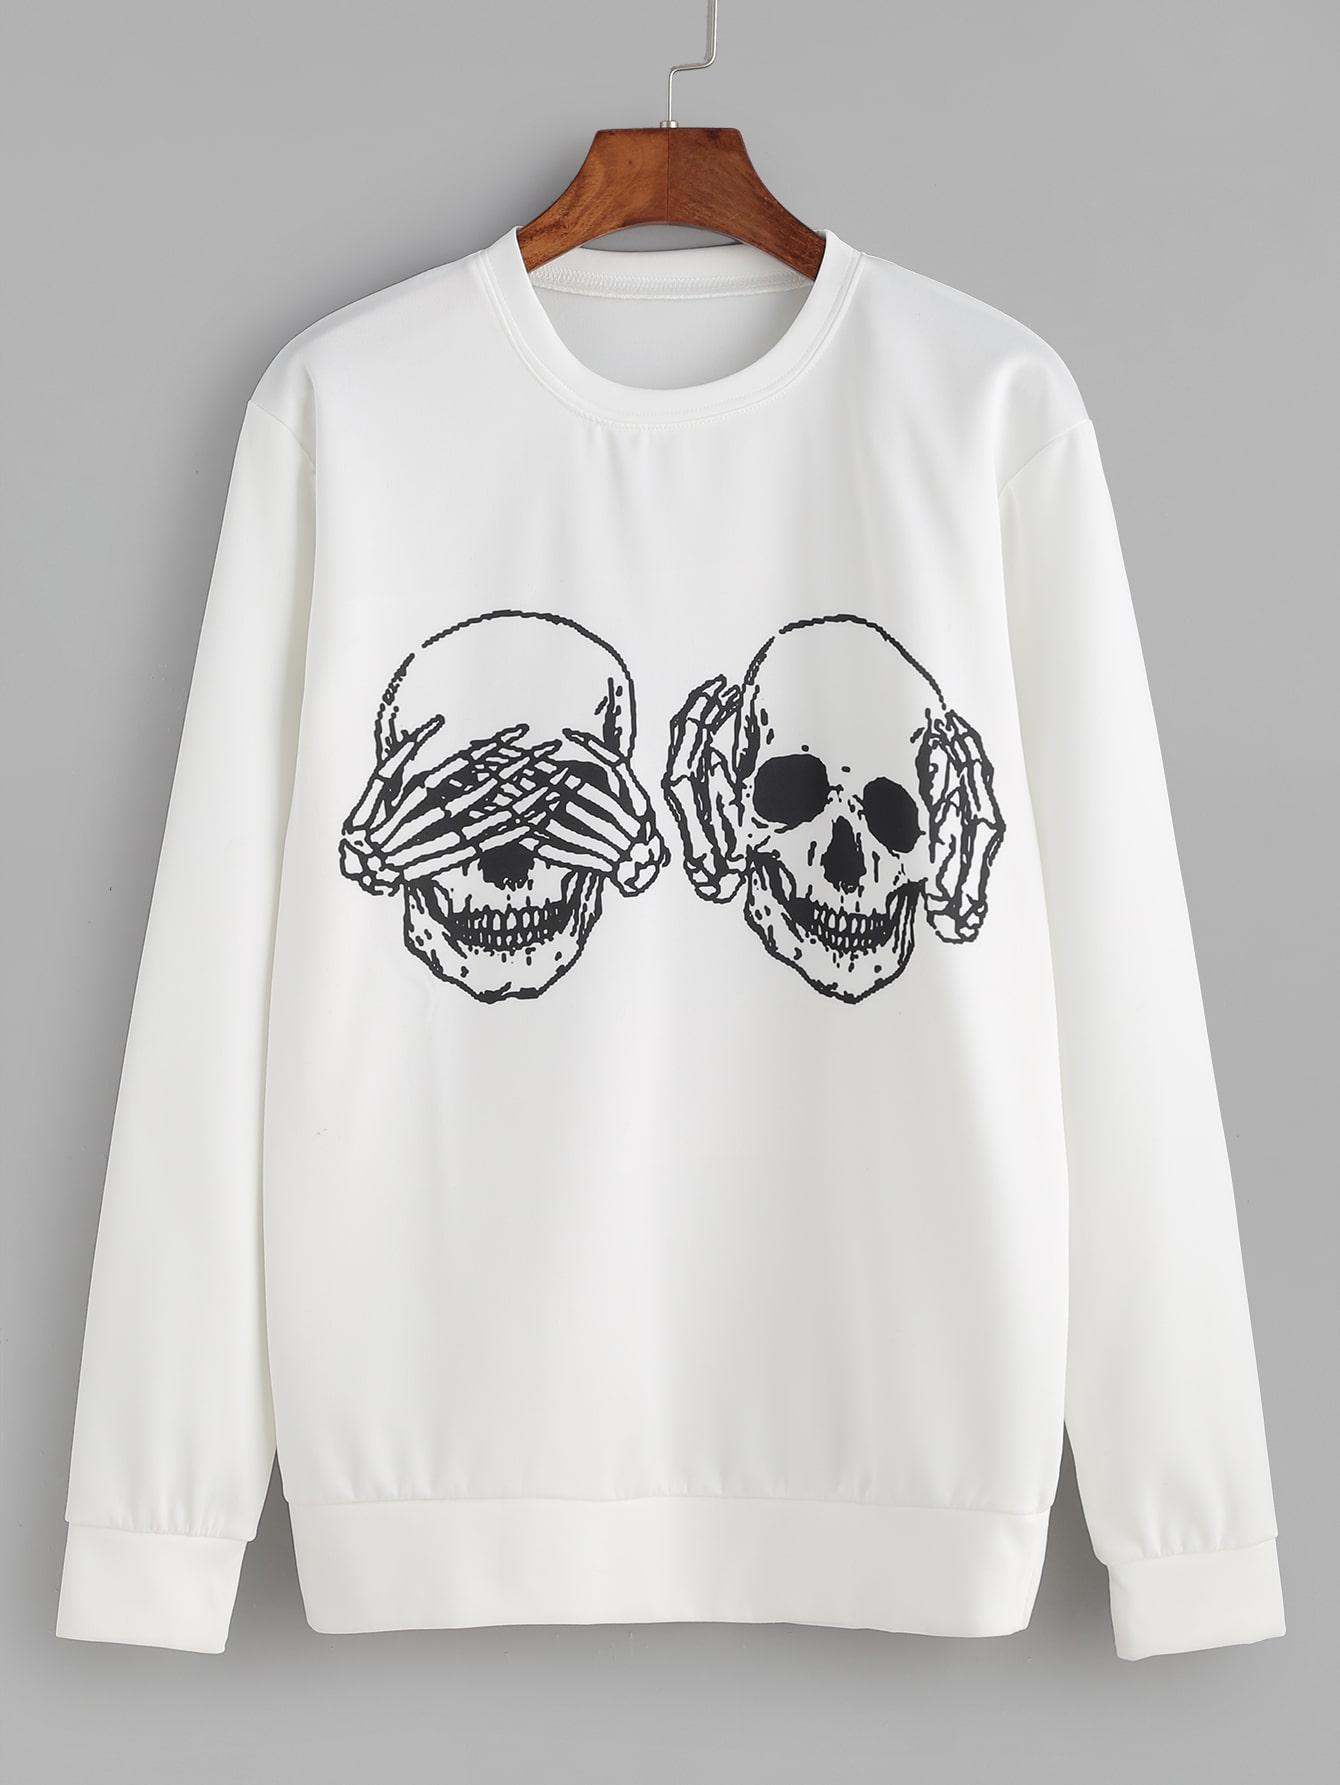 White Skull Print Sweatshirt sweatshirt161019301